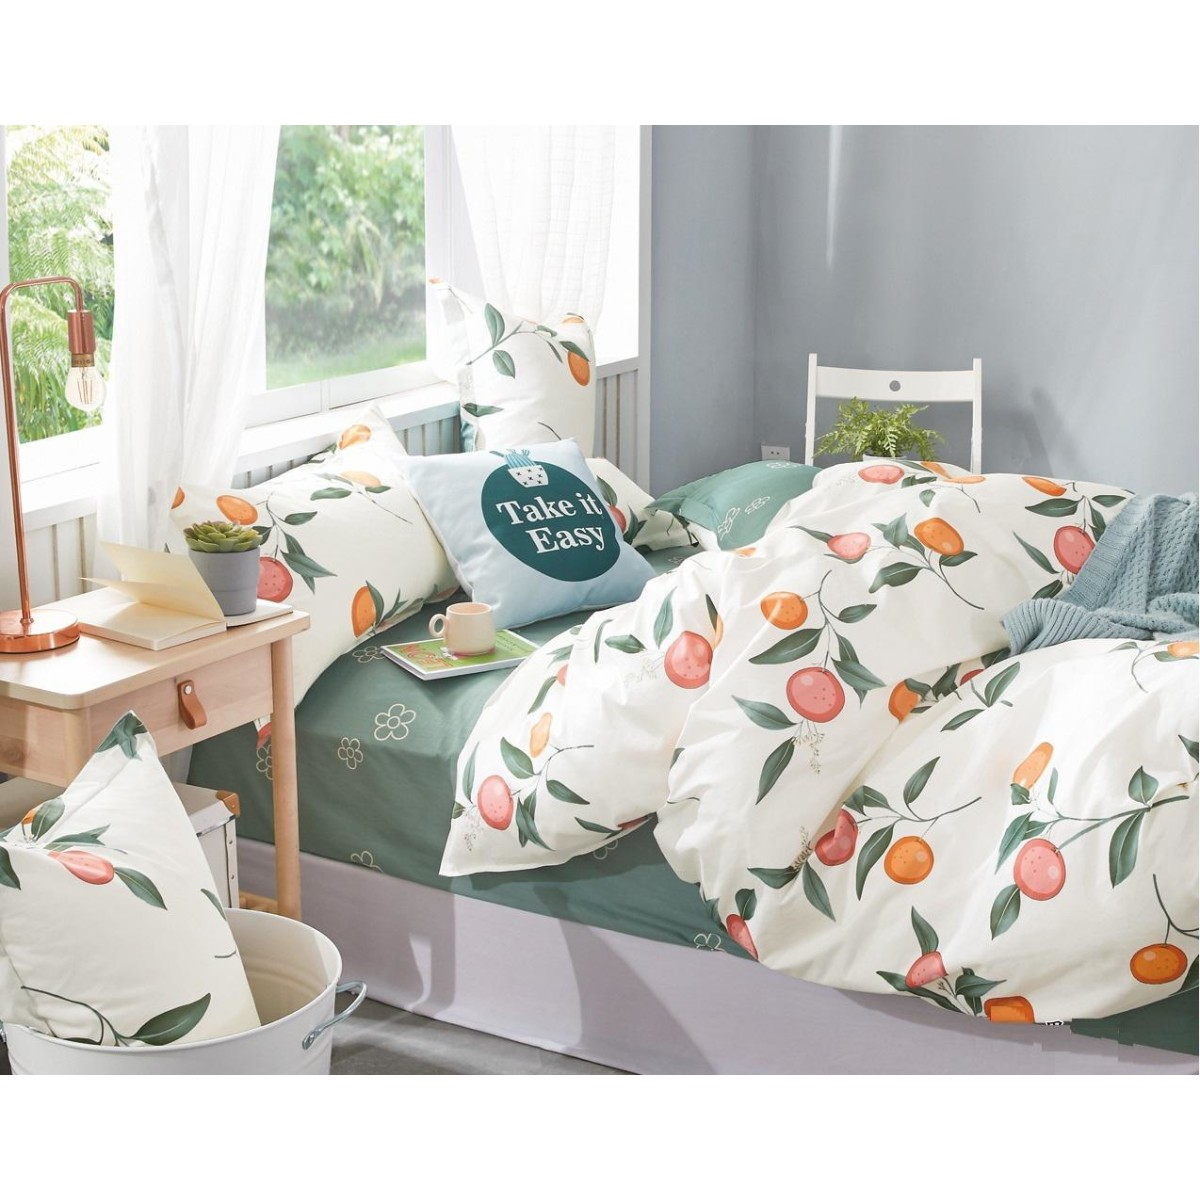 Комплект постельного белья 2-спальный Jardin 3820/160/808